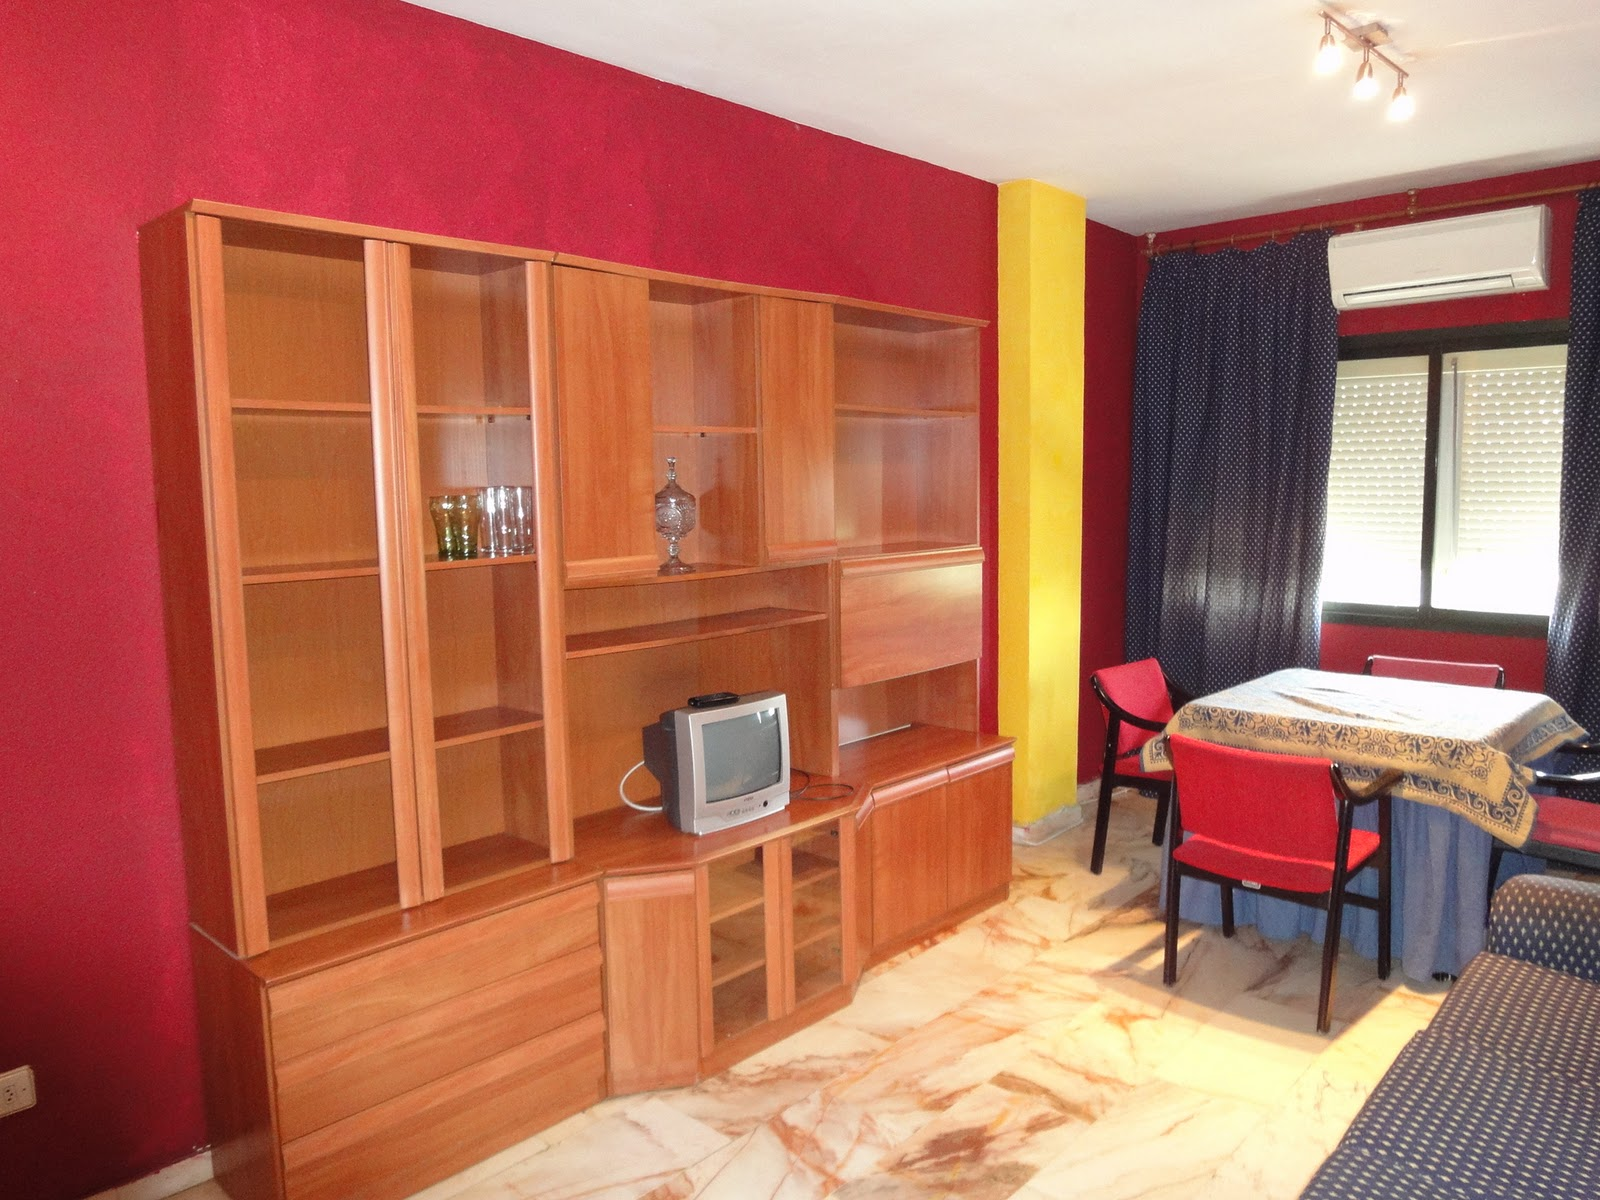 Alquiler de apartamentos en sevilla este apartamento for Alquiler apartamento vacacional sevilla